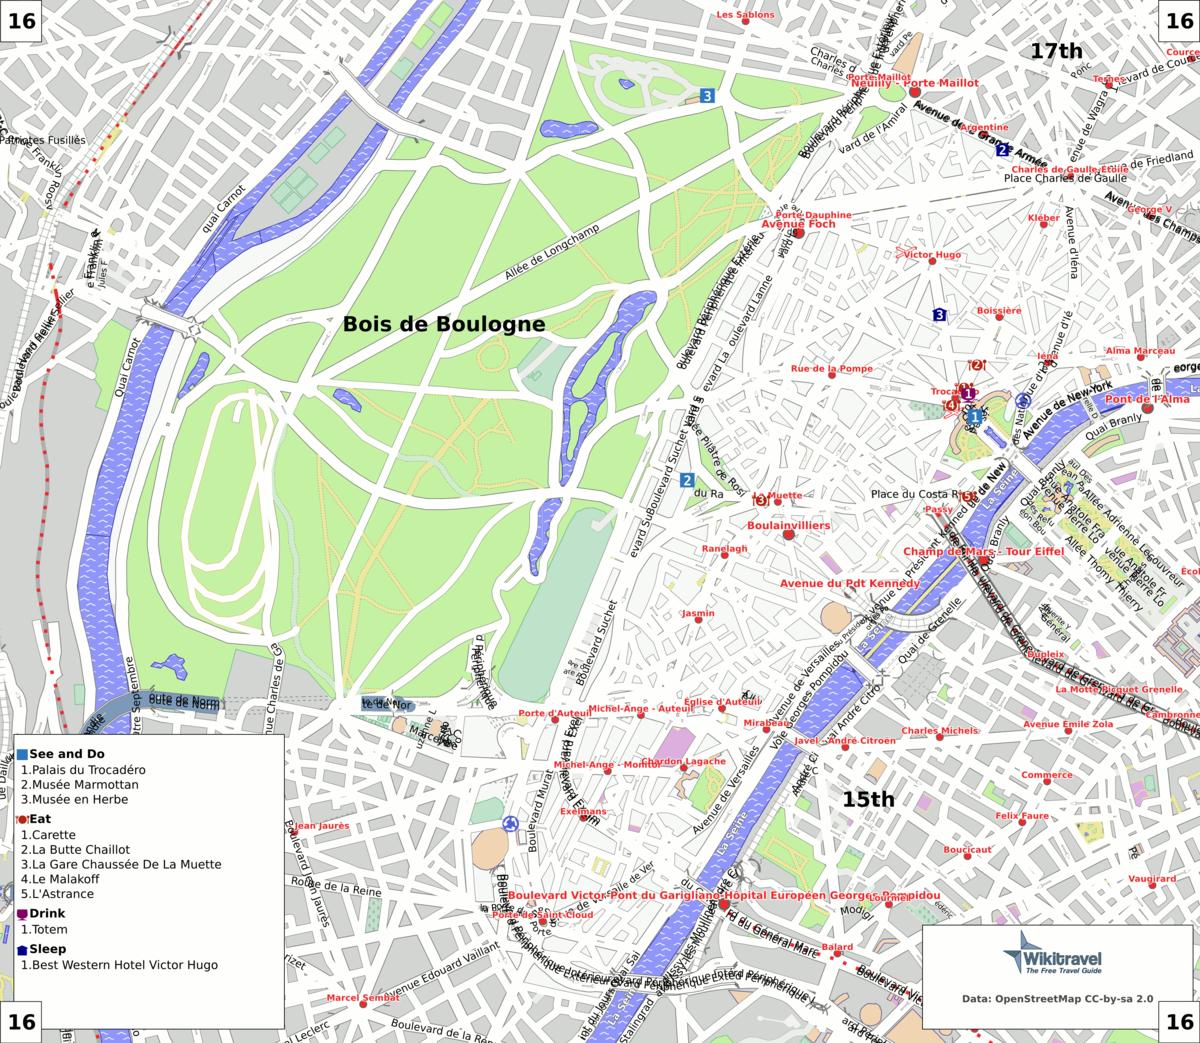 liste des voies du 16e arrondissement de paris wikip dia. Black Bedroom Furniture Sets. Home Design Ideas